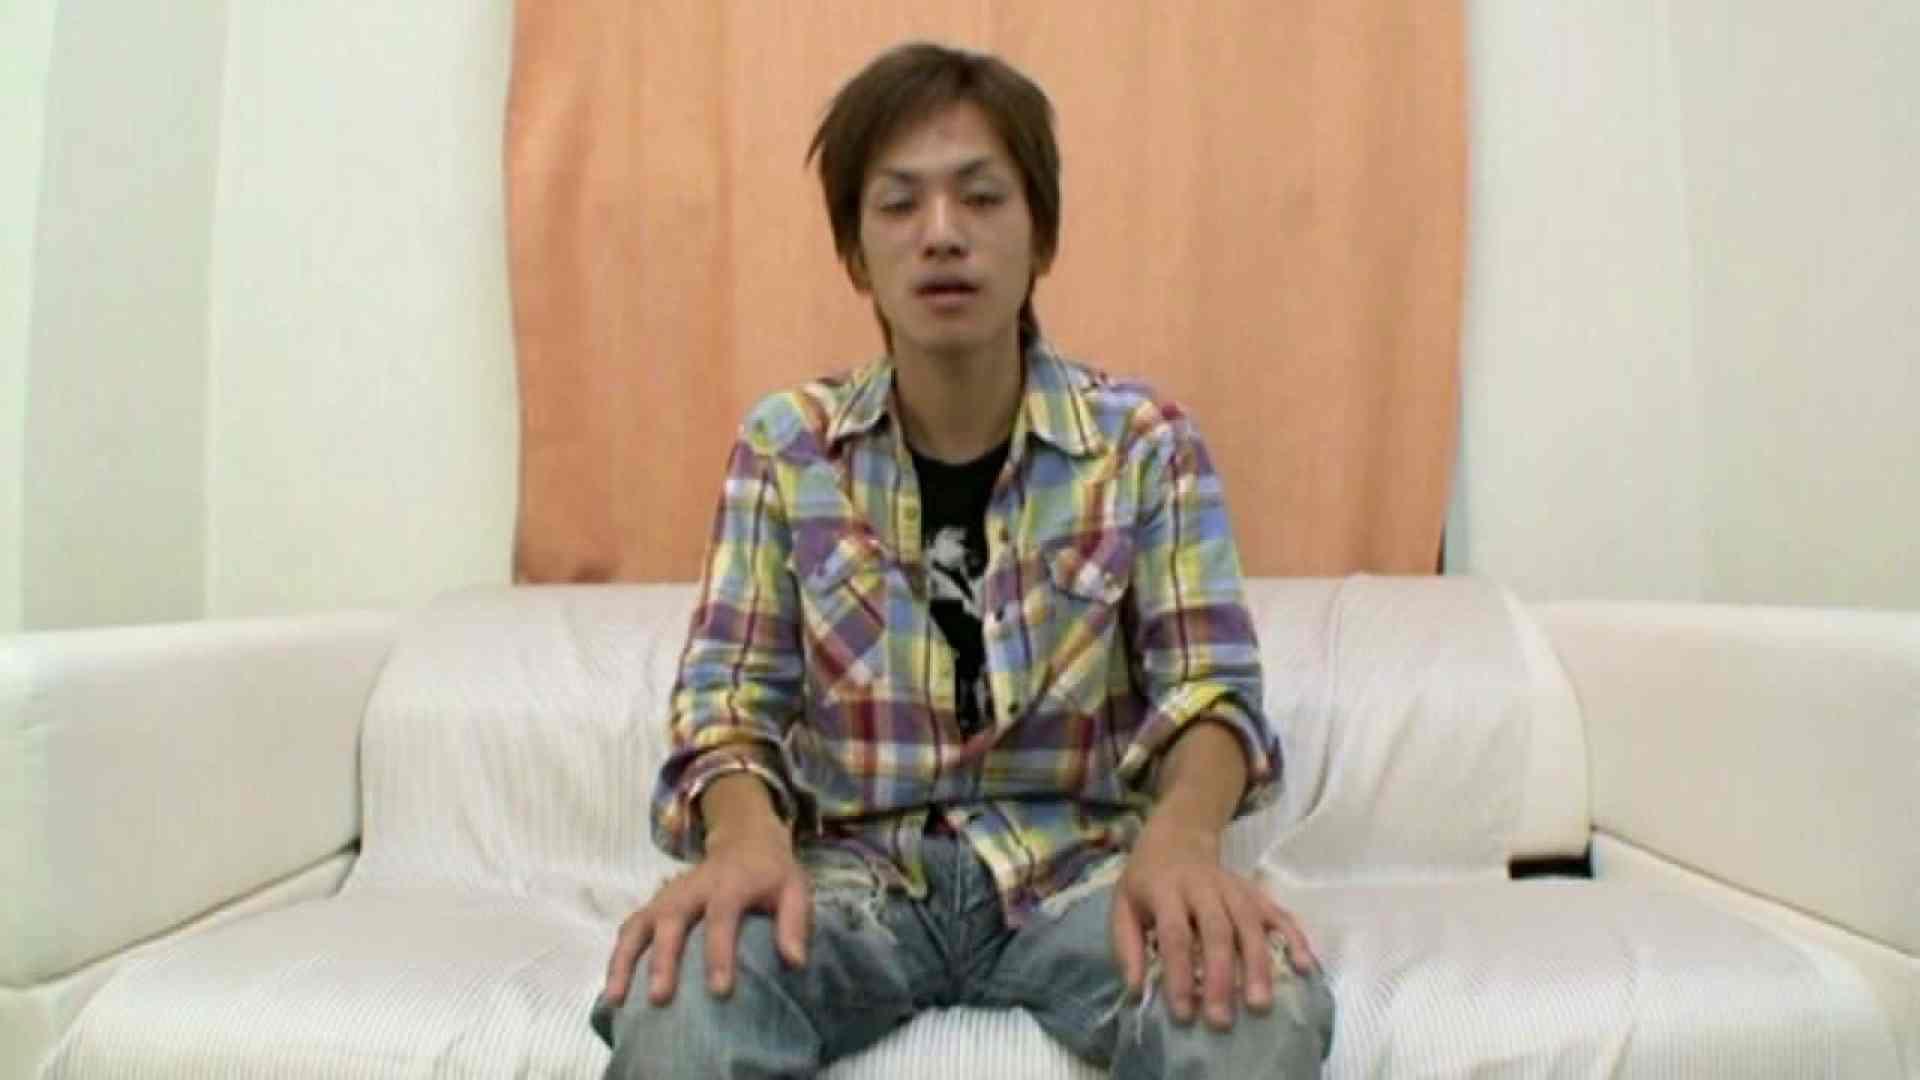 ノンケ!自慰スタジオ No.03 オナニー ゲイAV画像 101pic 3